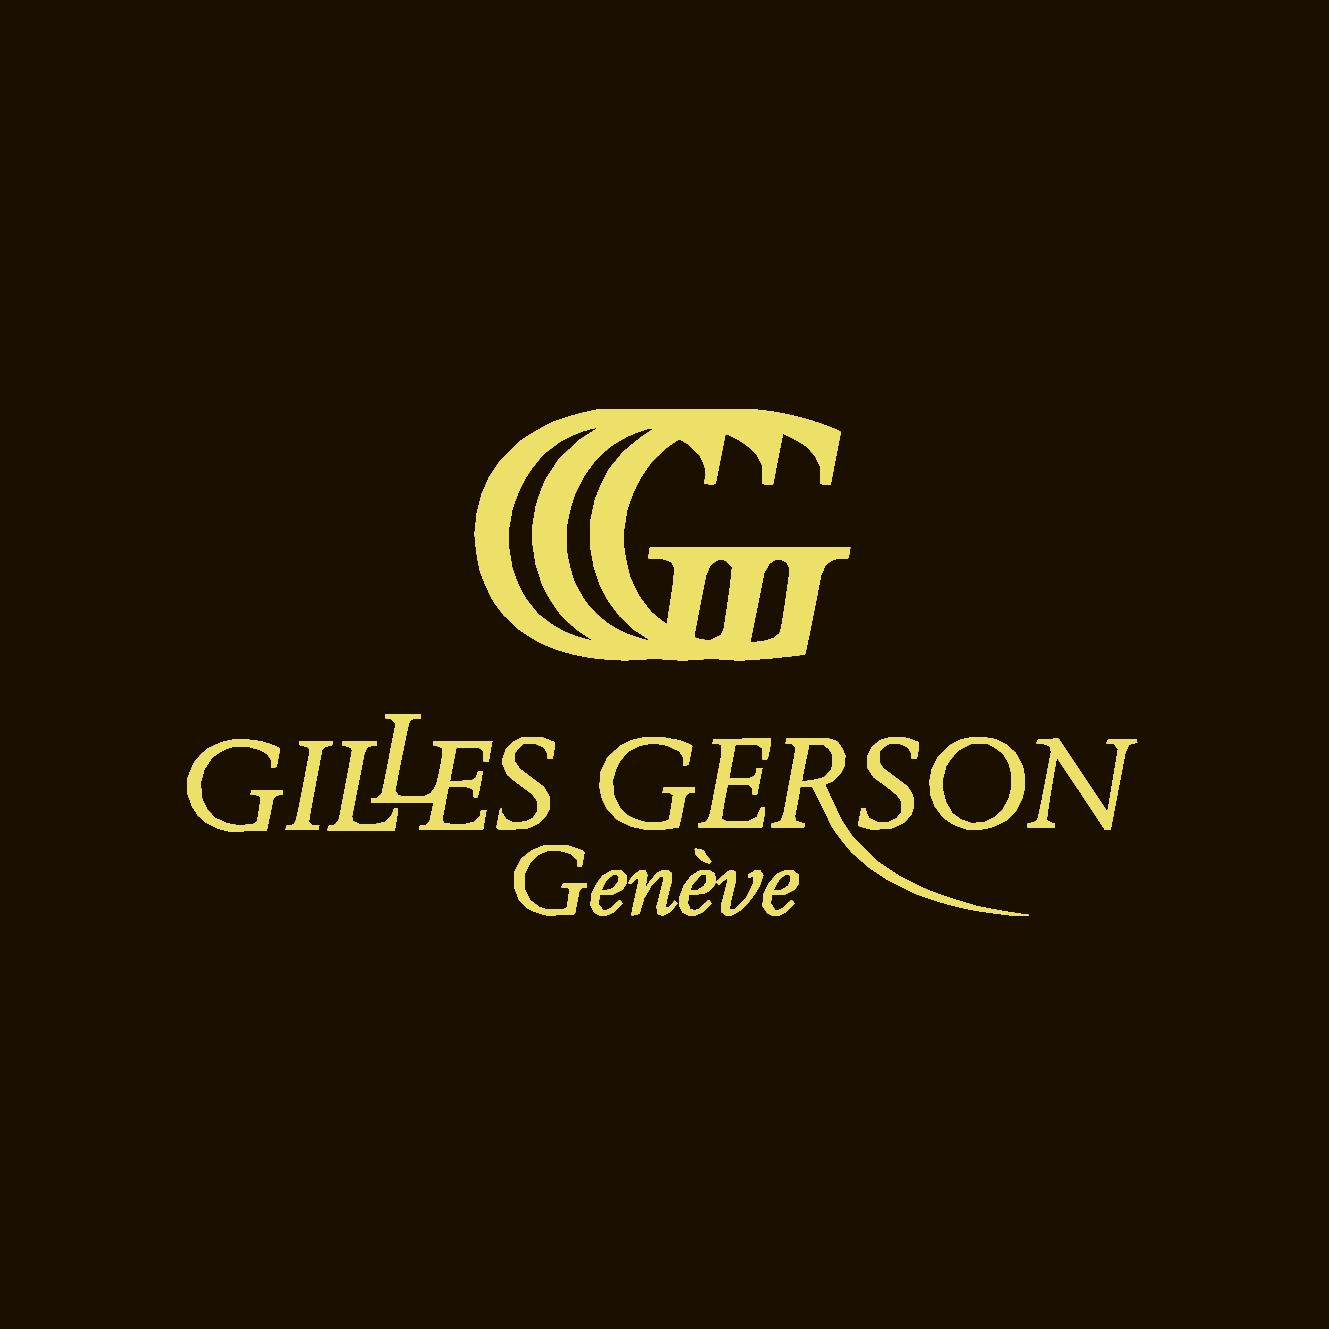 Gerson Gilles GGG